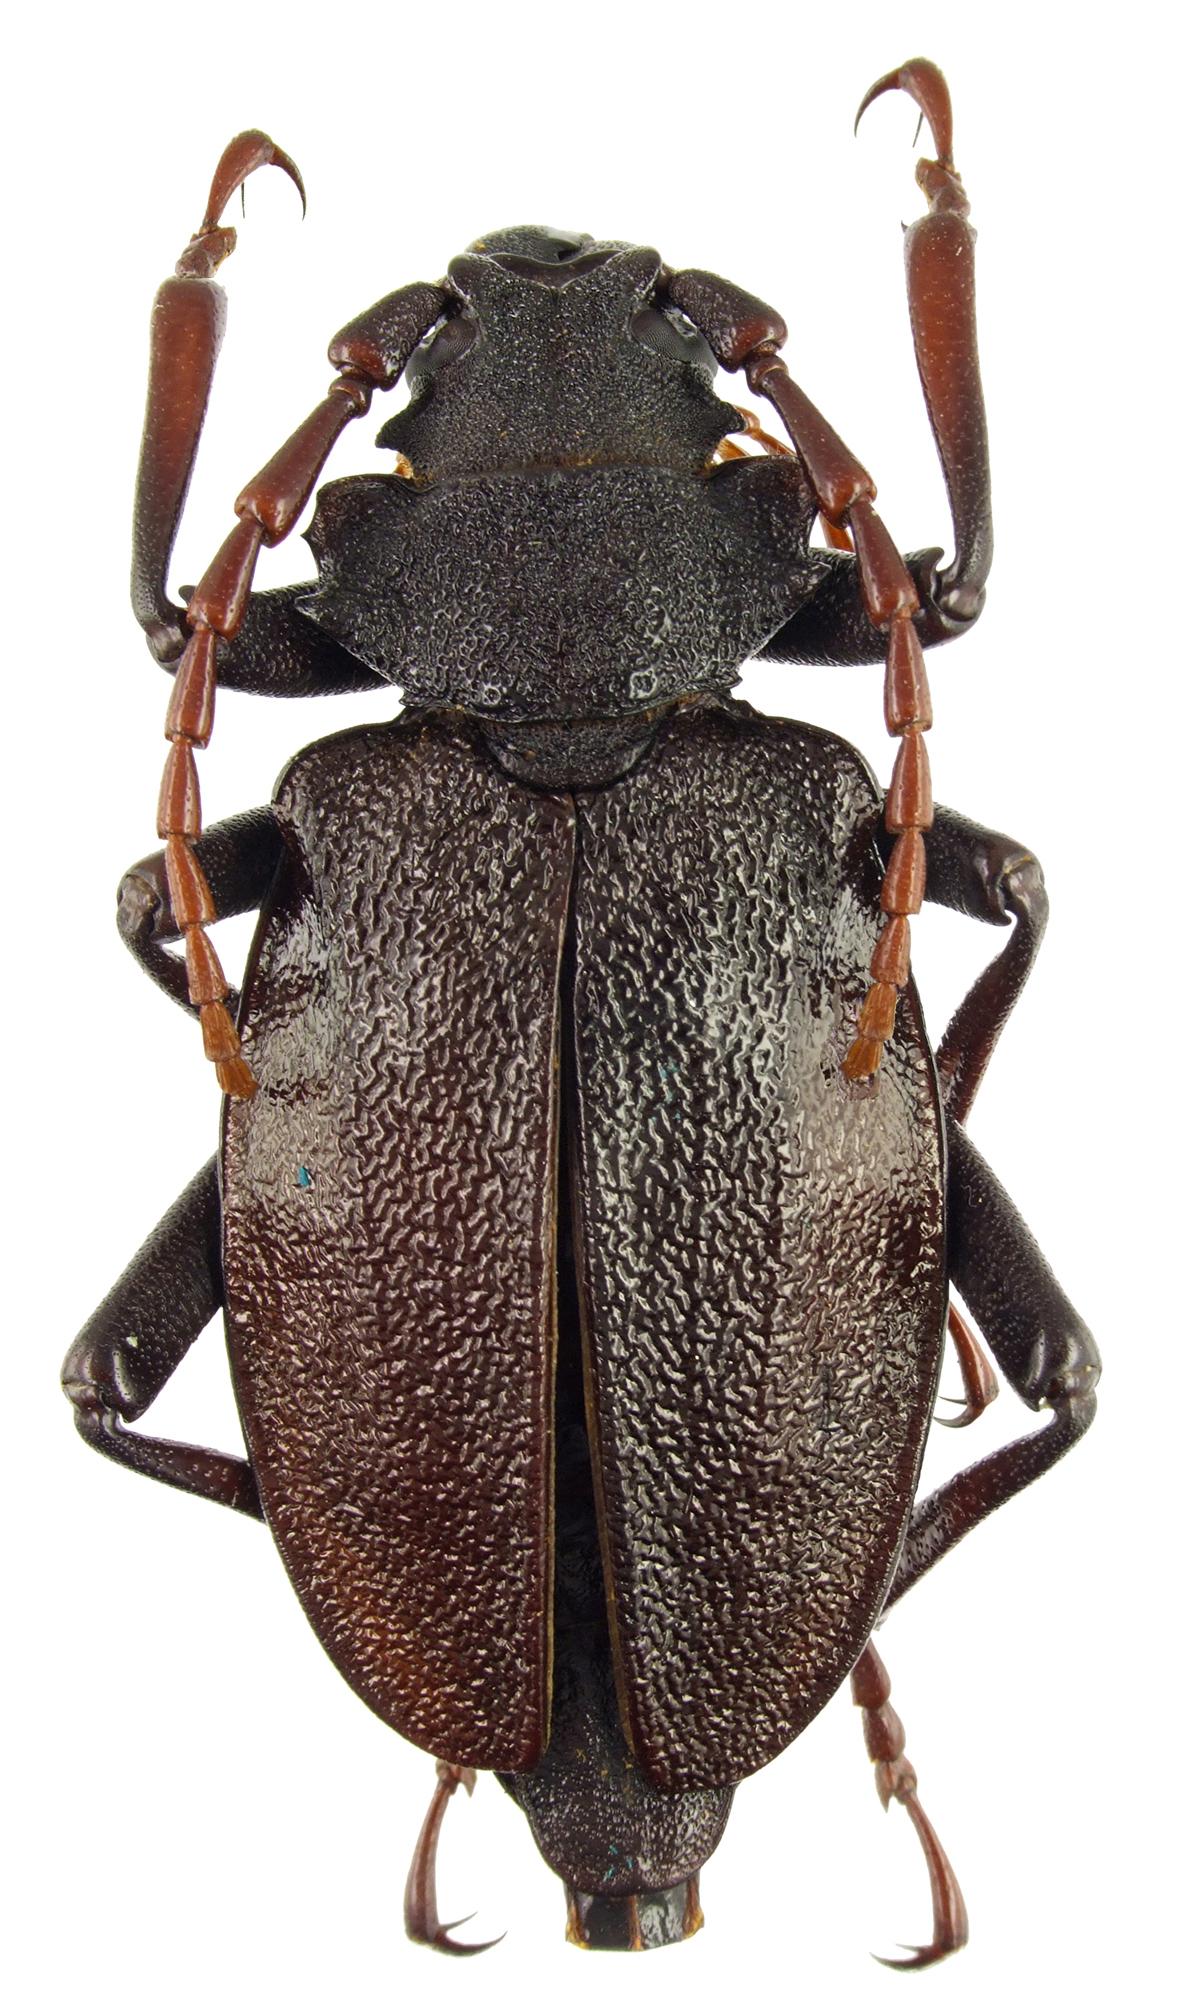 Prionacalus atys 47535cz38.jpg